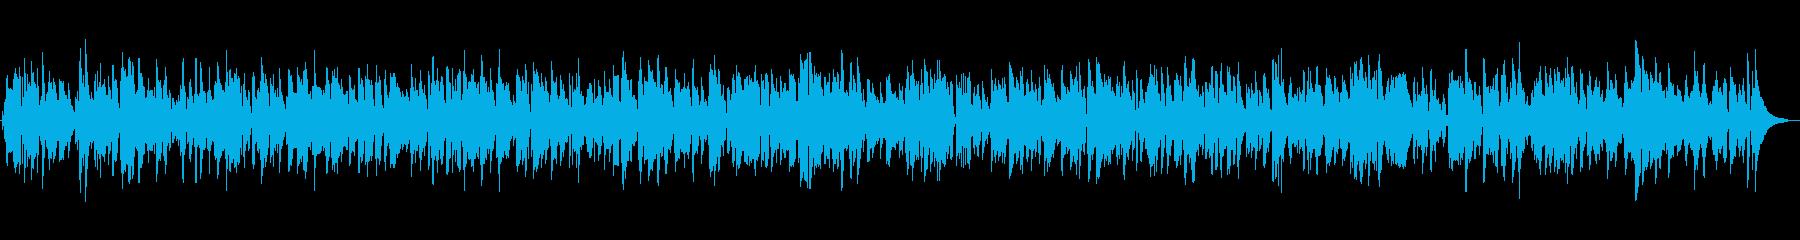 BARで聴くしっとり癒しのジャズバラードの再生済みの波形